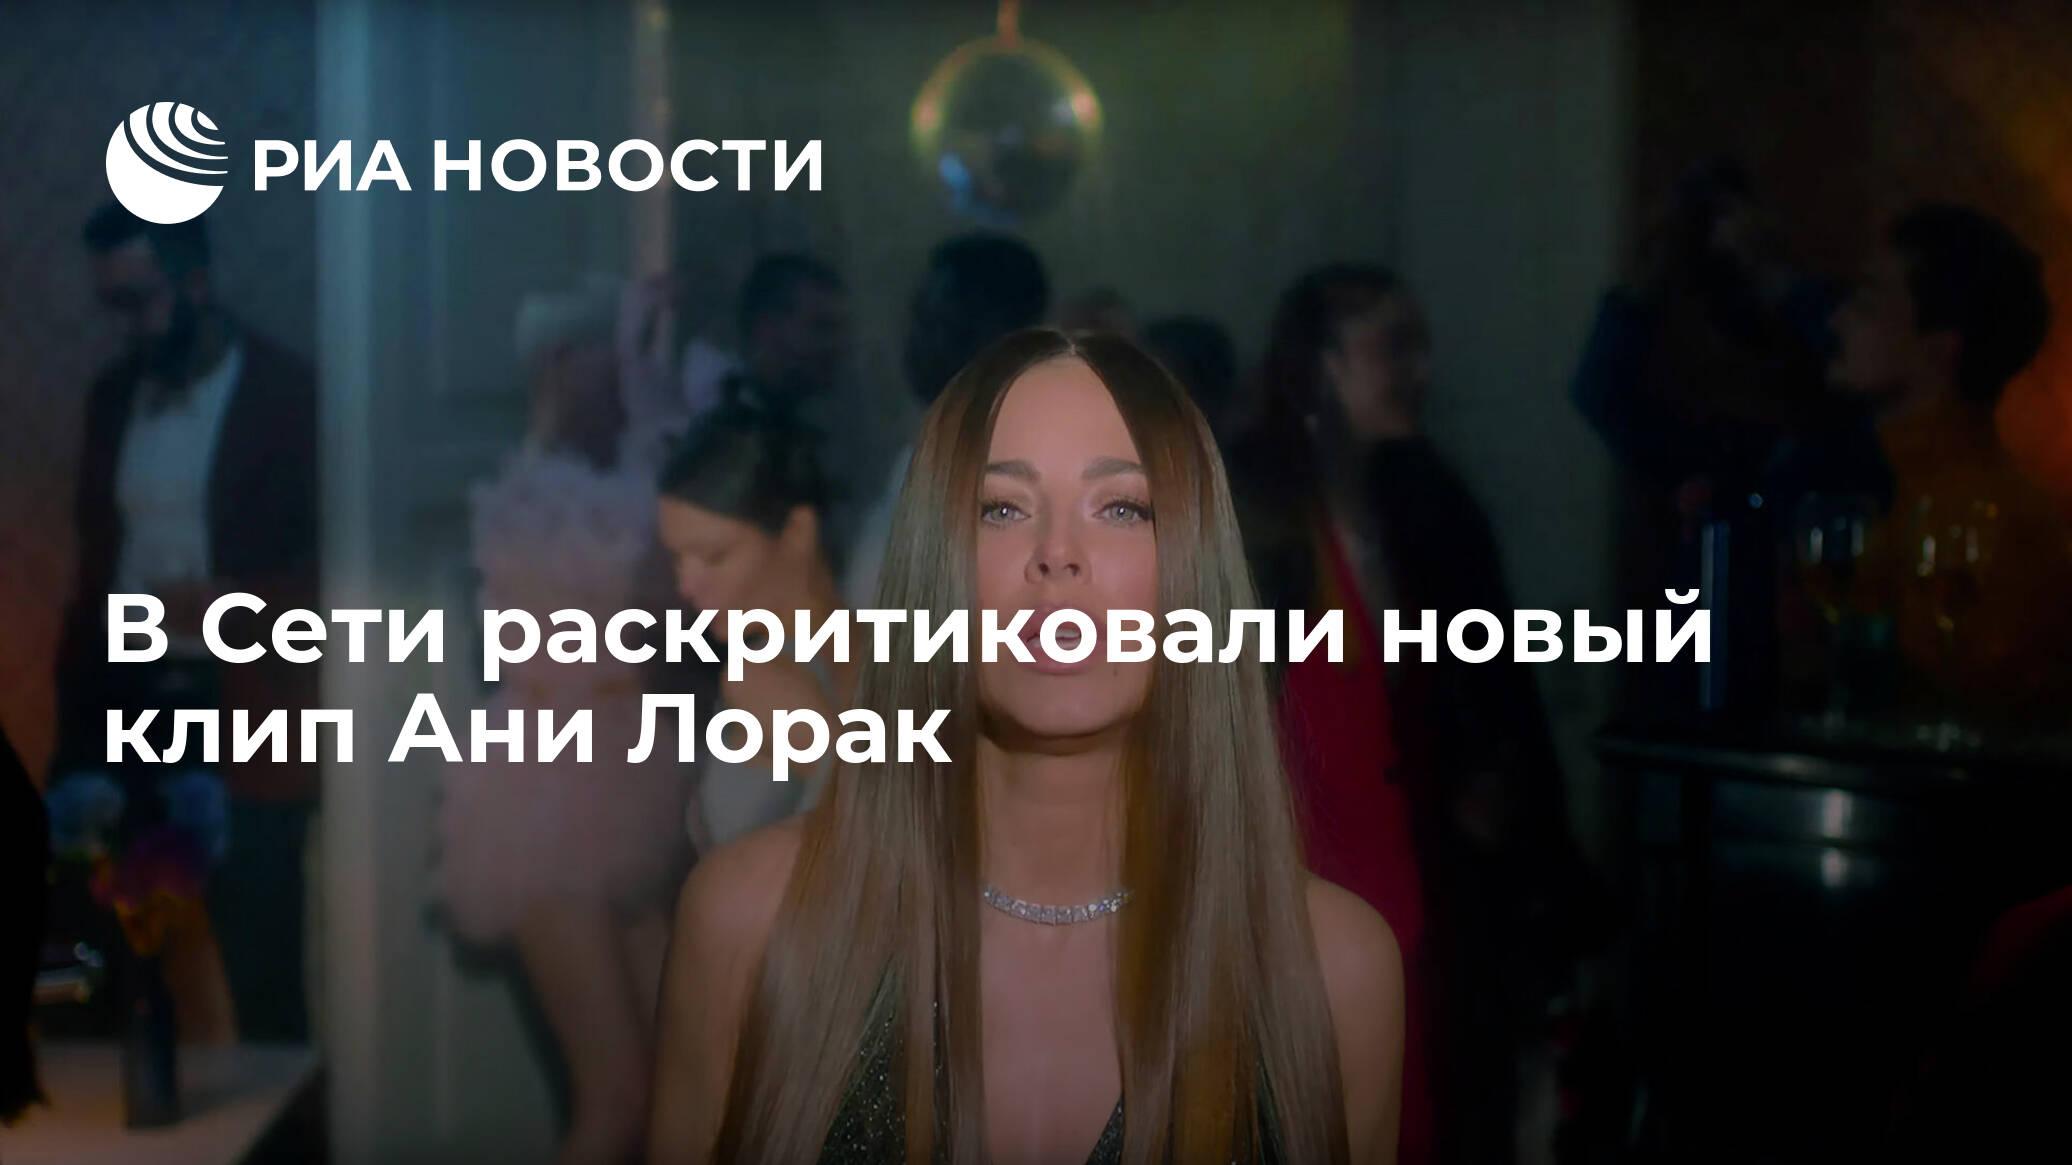 В Сети раскритиковали новый клип Ани Лорак - РИА Новости ...